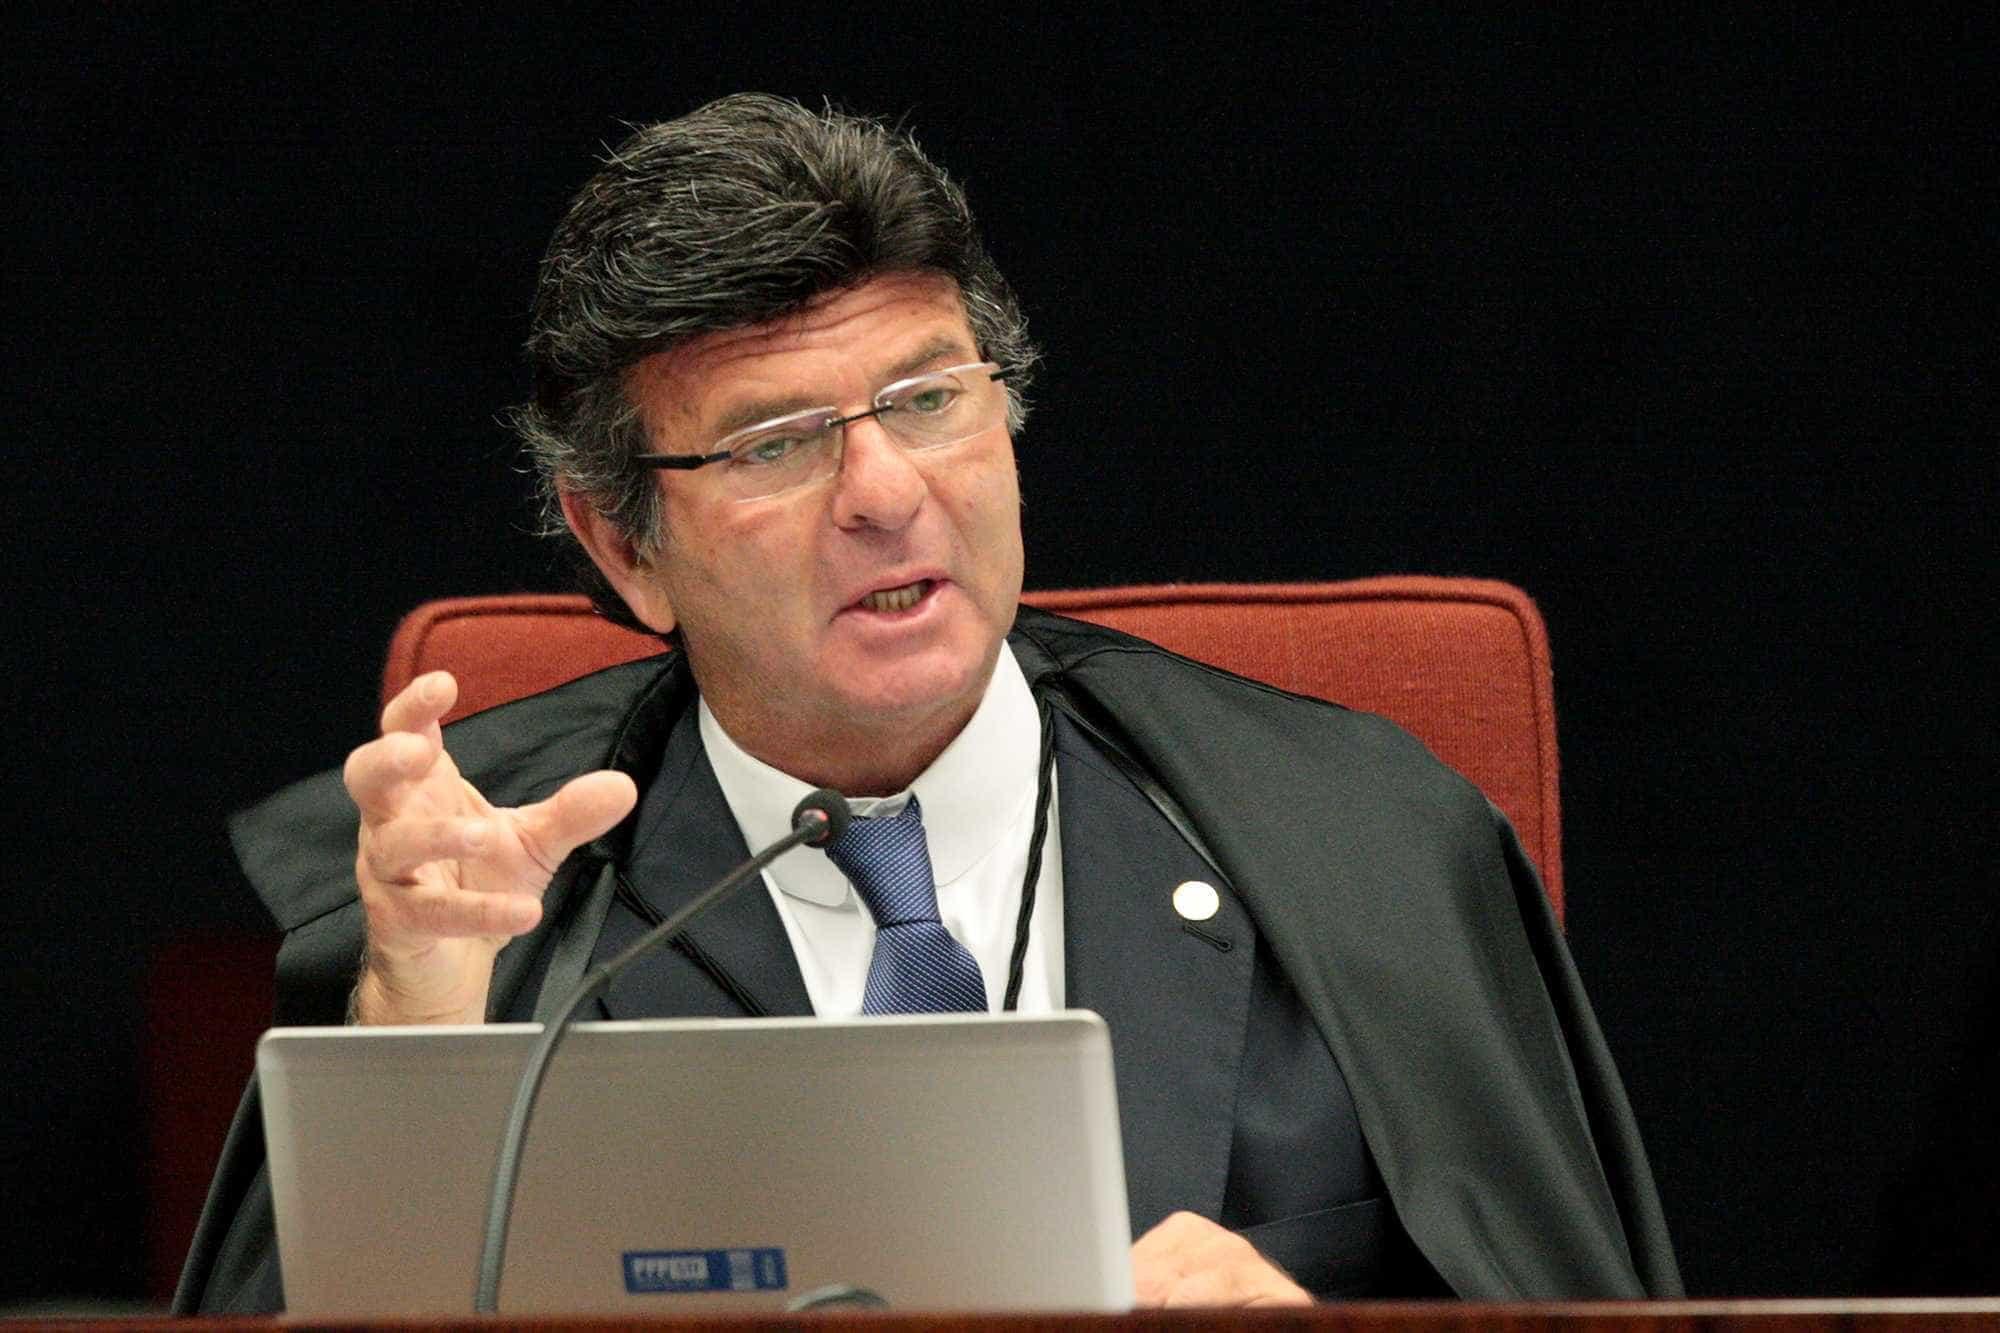 Editora pede a Fux suspensão de censura e depoimentos de jornalistas